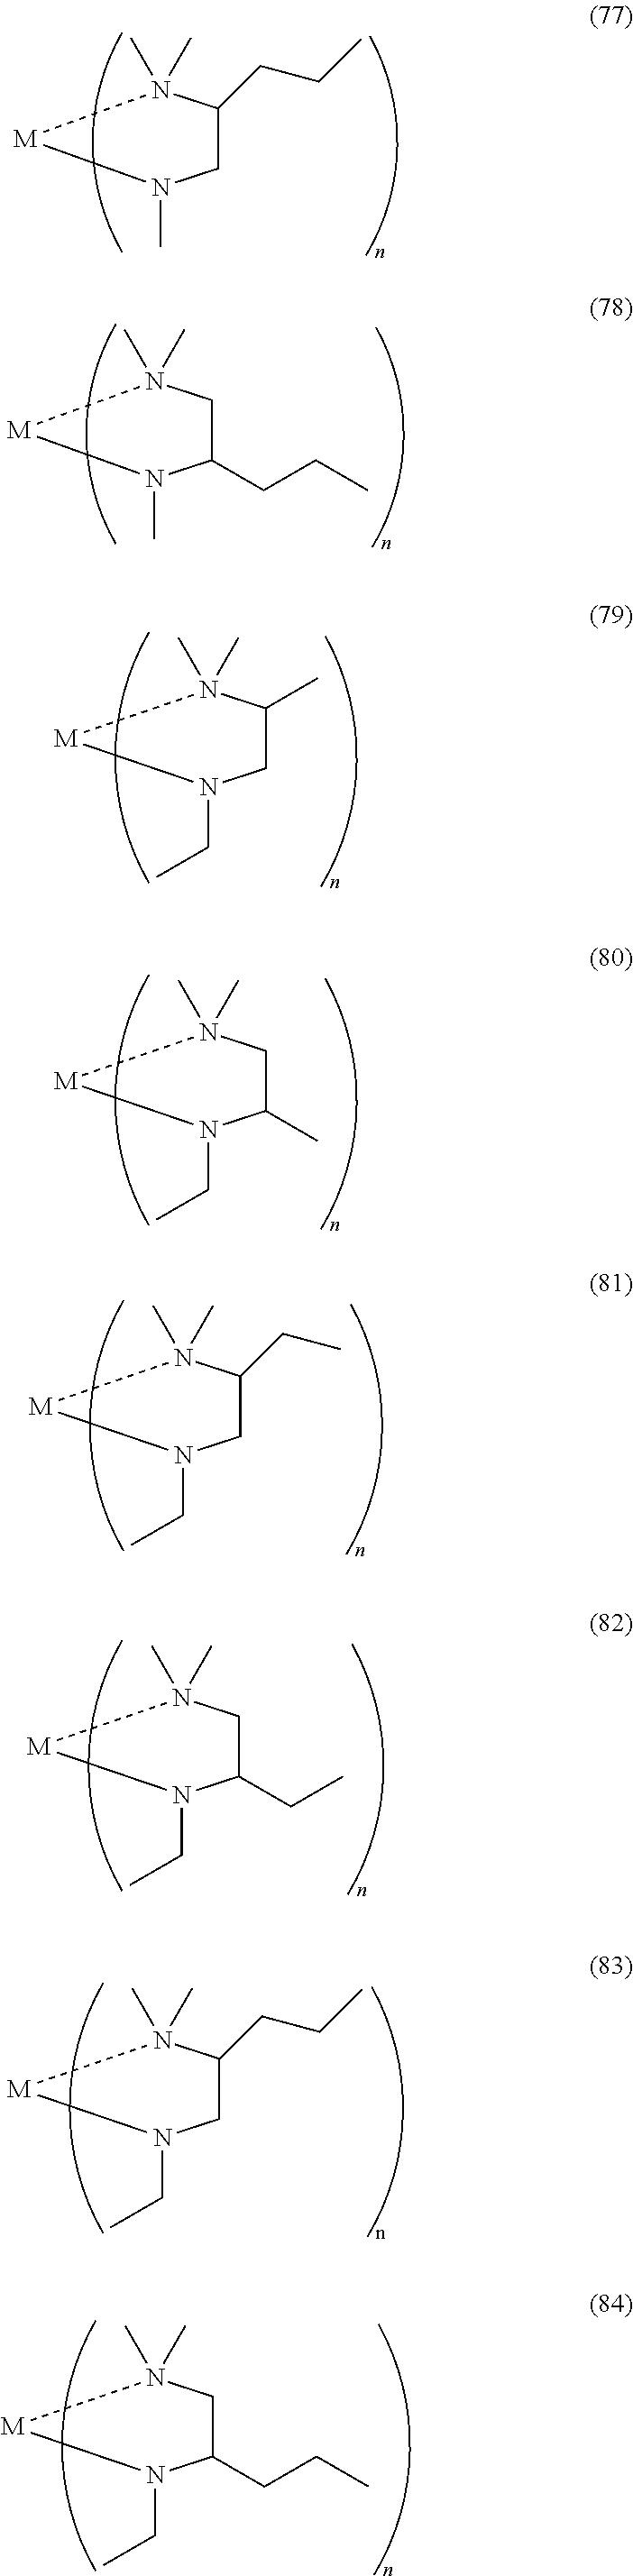 Figure US08871304-20141028-C00025